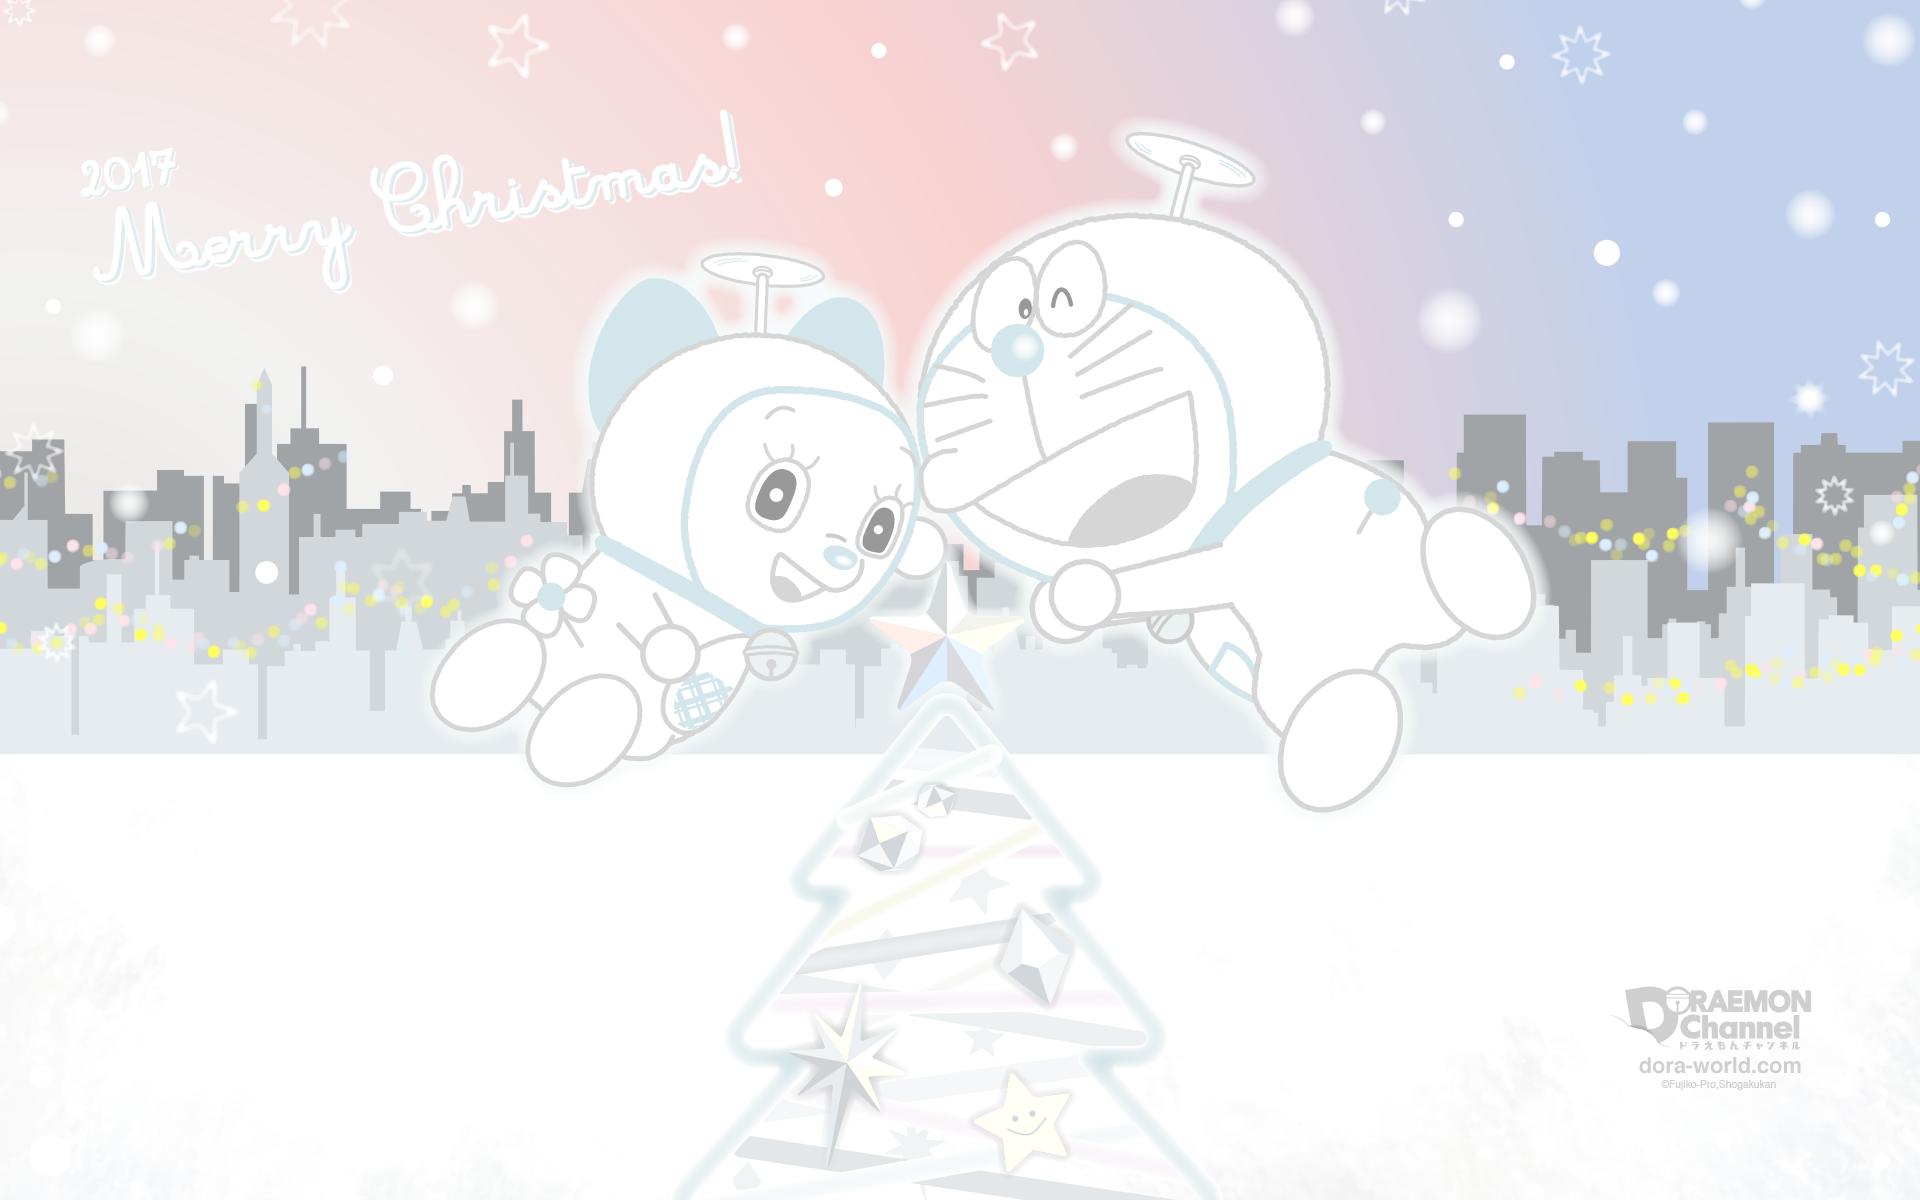 クリスマスのドラえもん壁紙